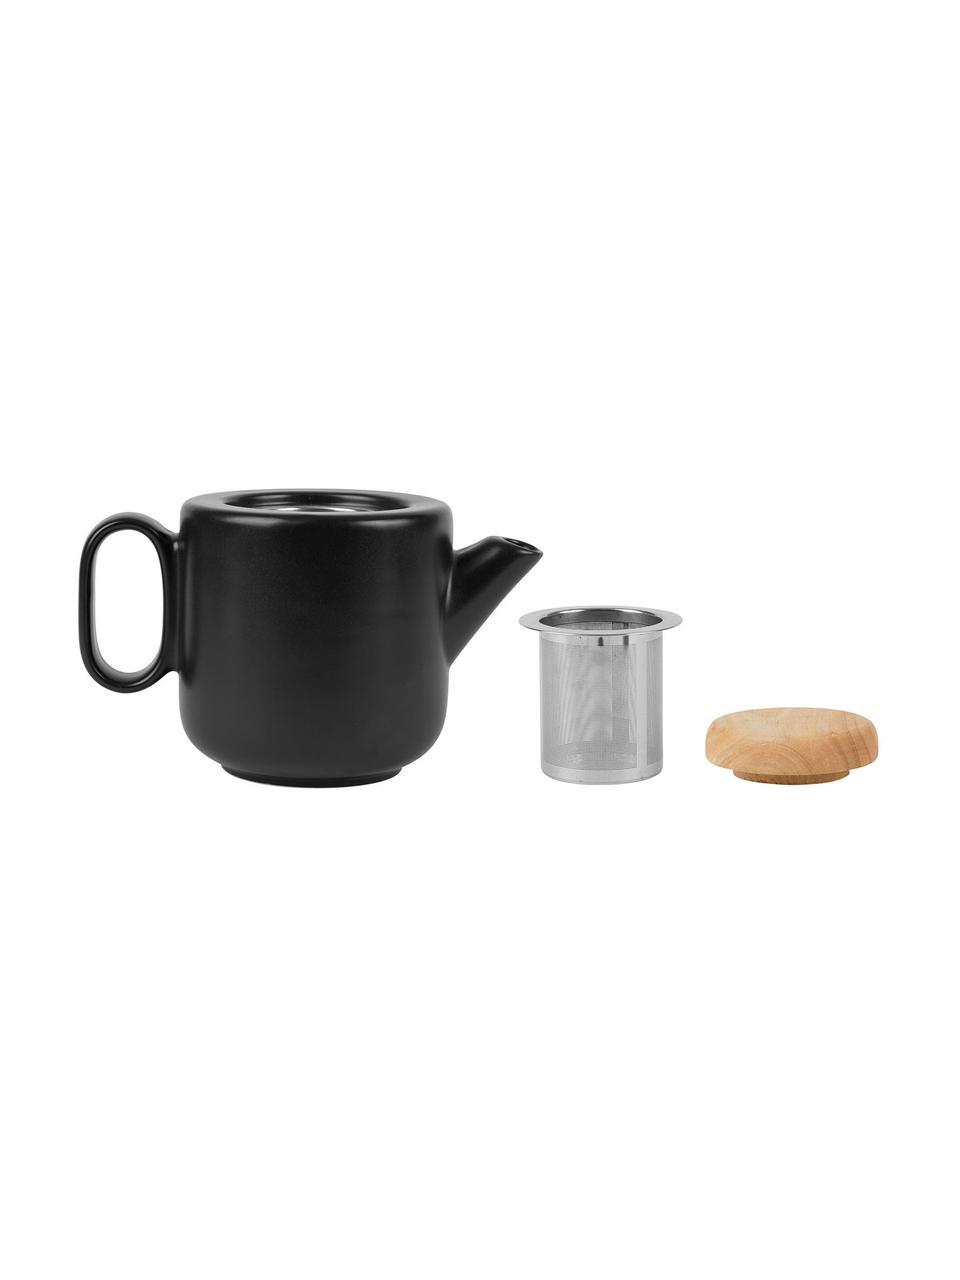 Steingut Teekanne Baltika mit Teesieb und Deckel, 700 ml, Steingut, Bambus, Rostfreier Stahl, Schwarz, 700 ml